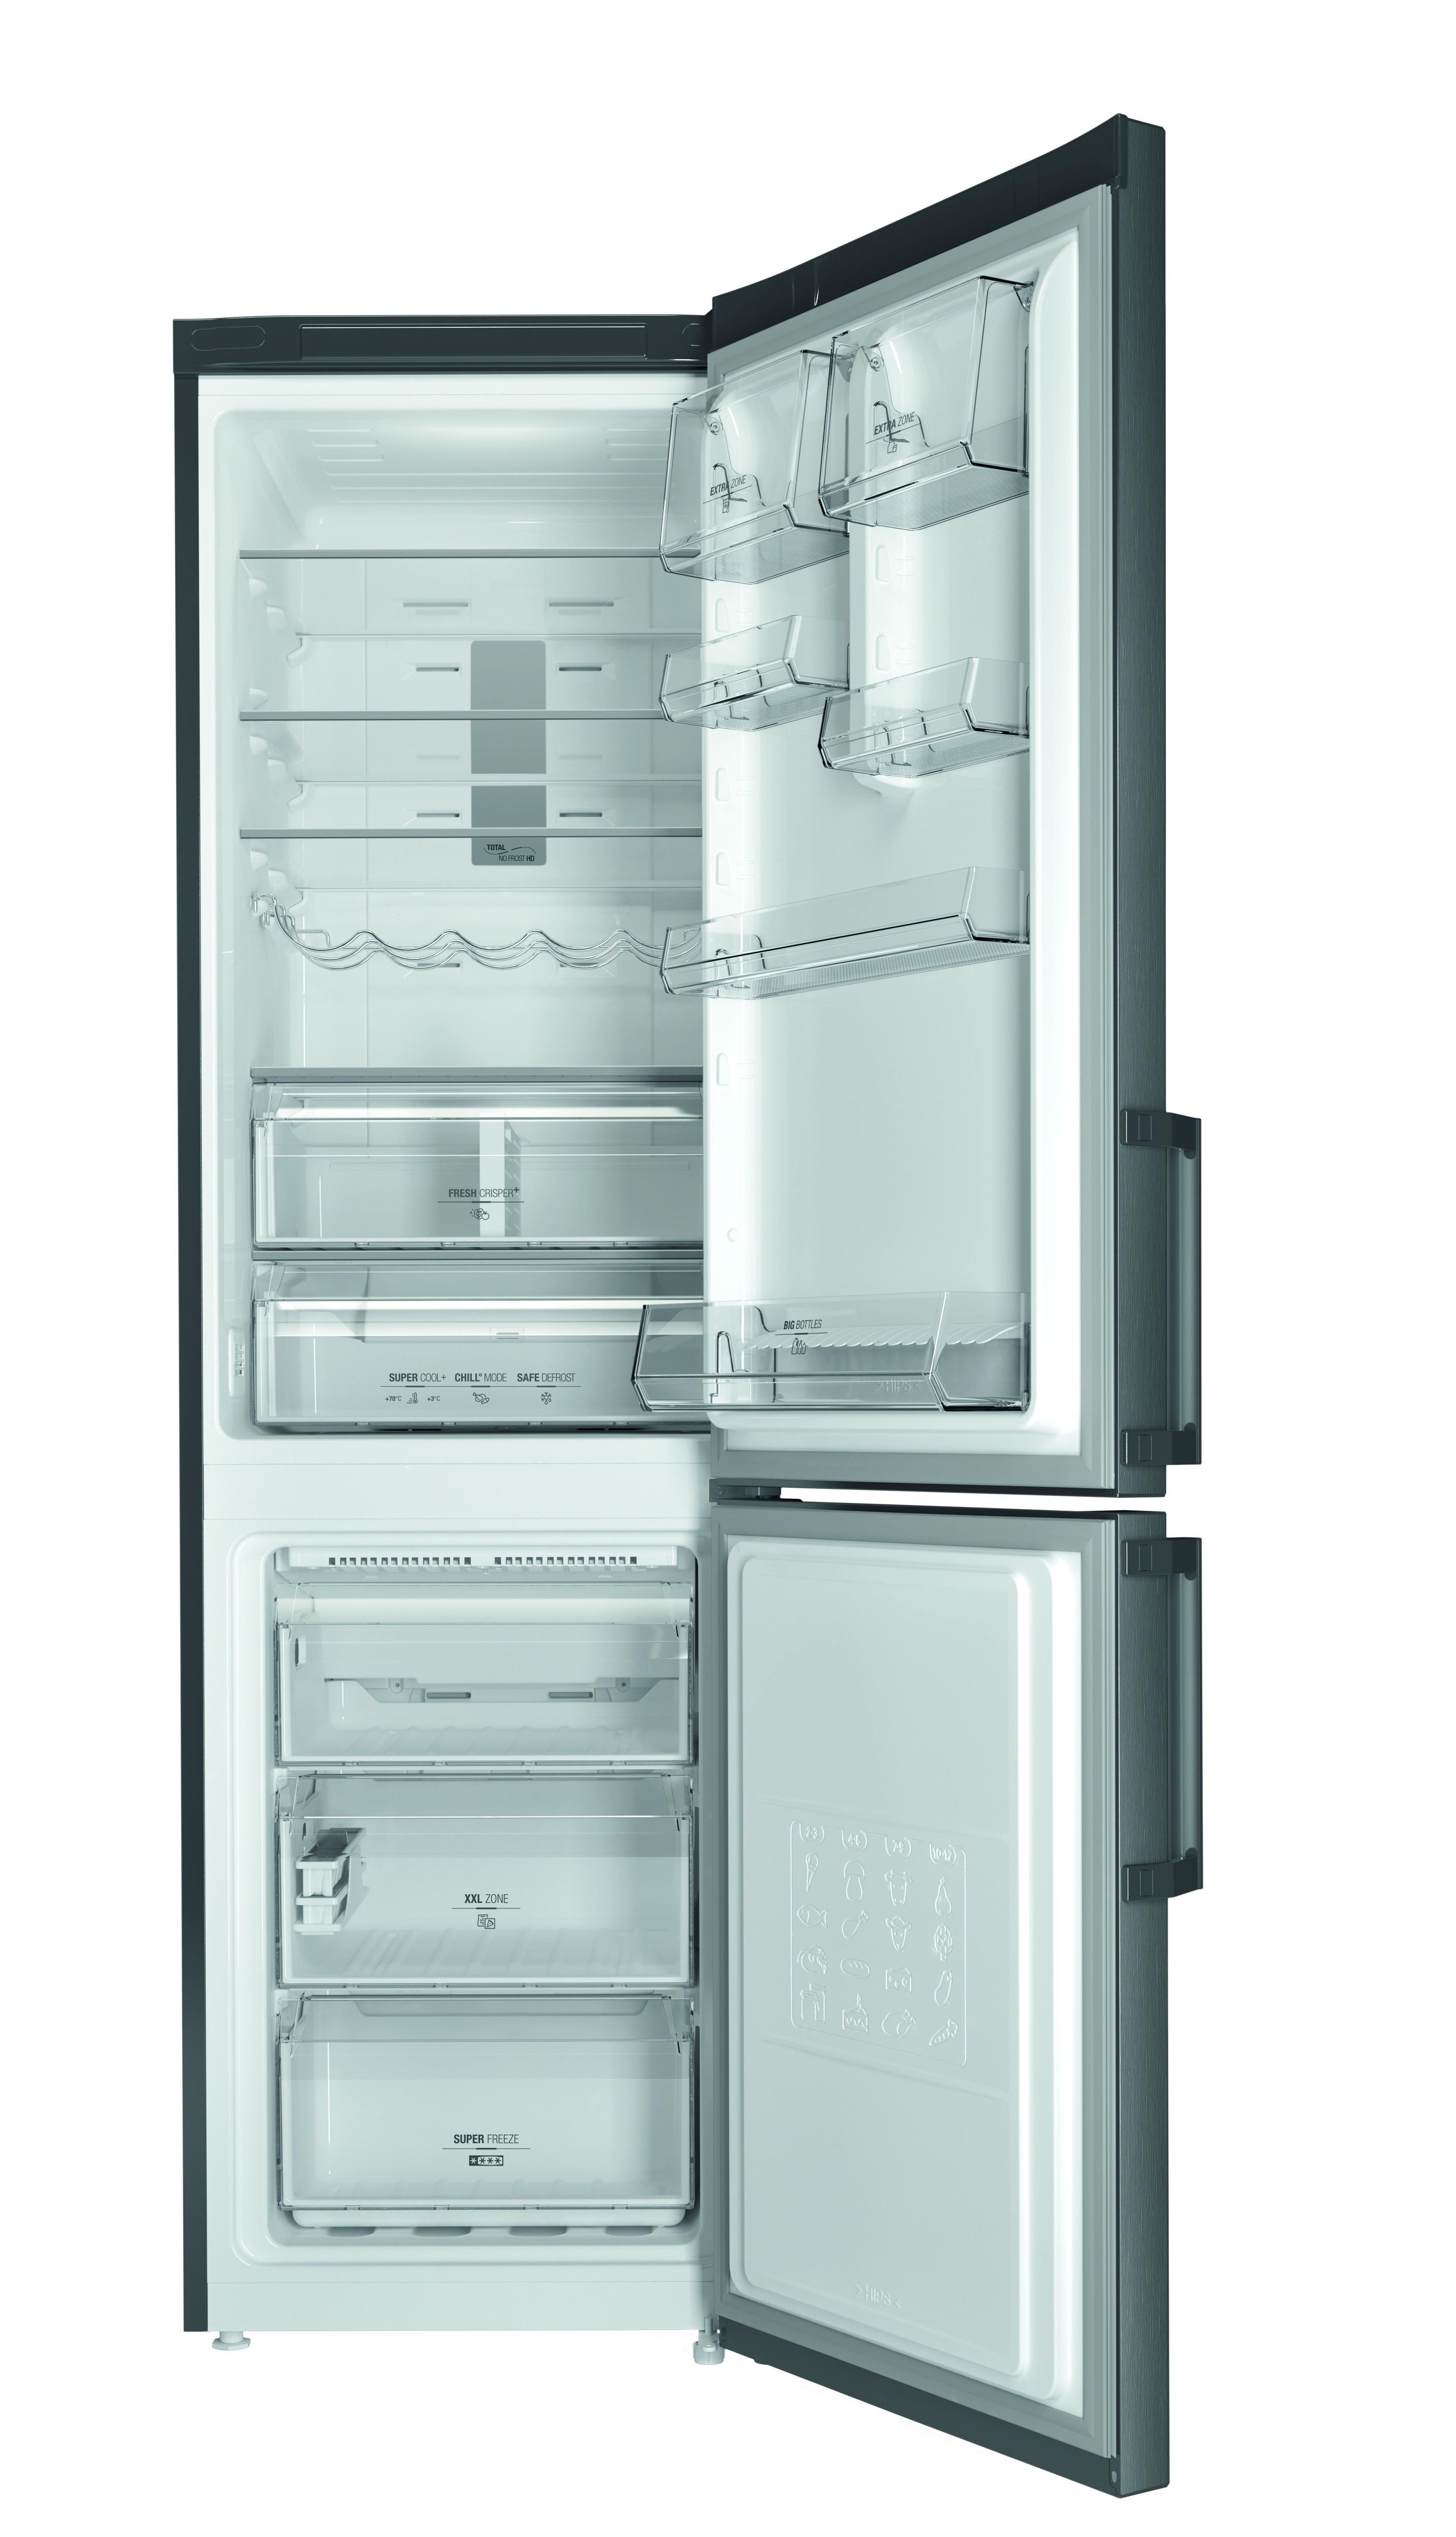 Взять в кредит холодильник эльдорадо ренессанс кредит онлайн кабинет